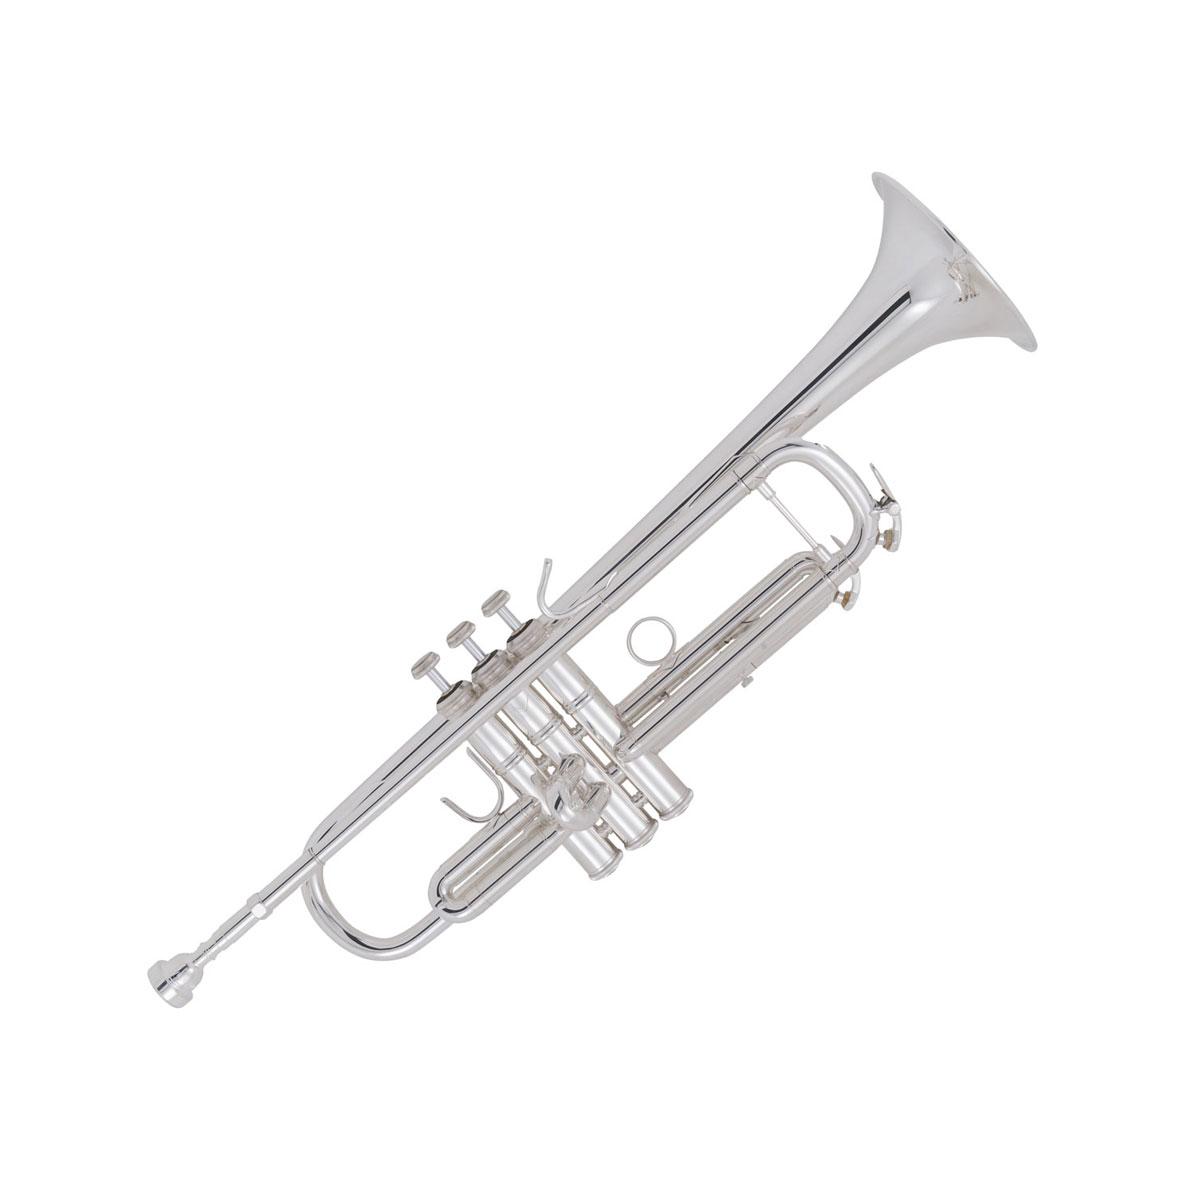 Bach / バック Vincent37 ヴィンセント SP シルバーメッキ仕上げ トランペット B♭【5年保証】